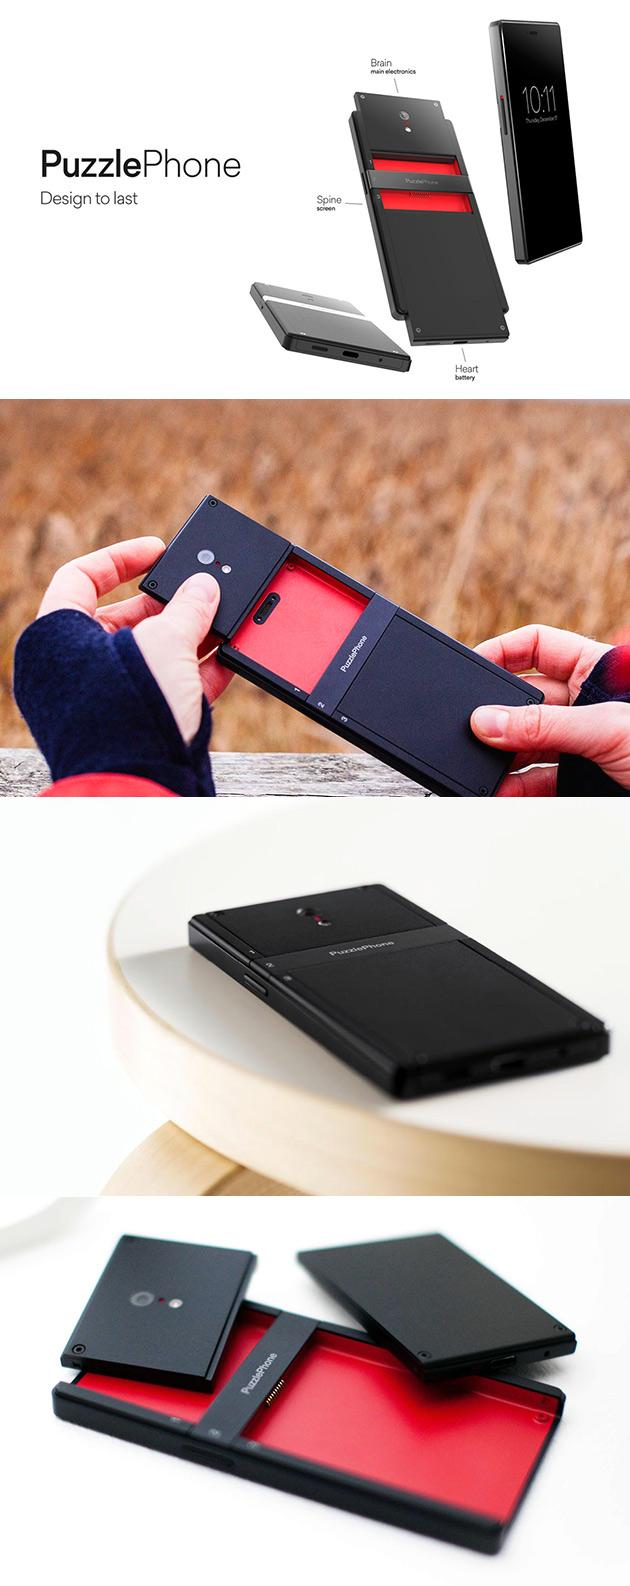 PuzzlePhone Modular Phone